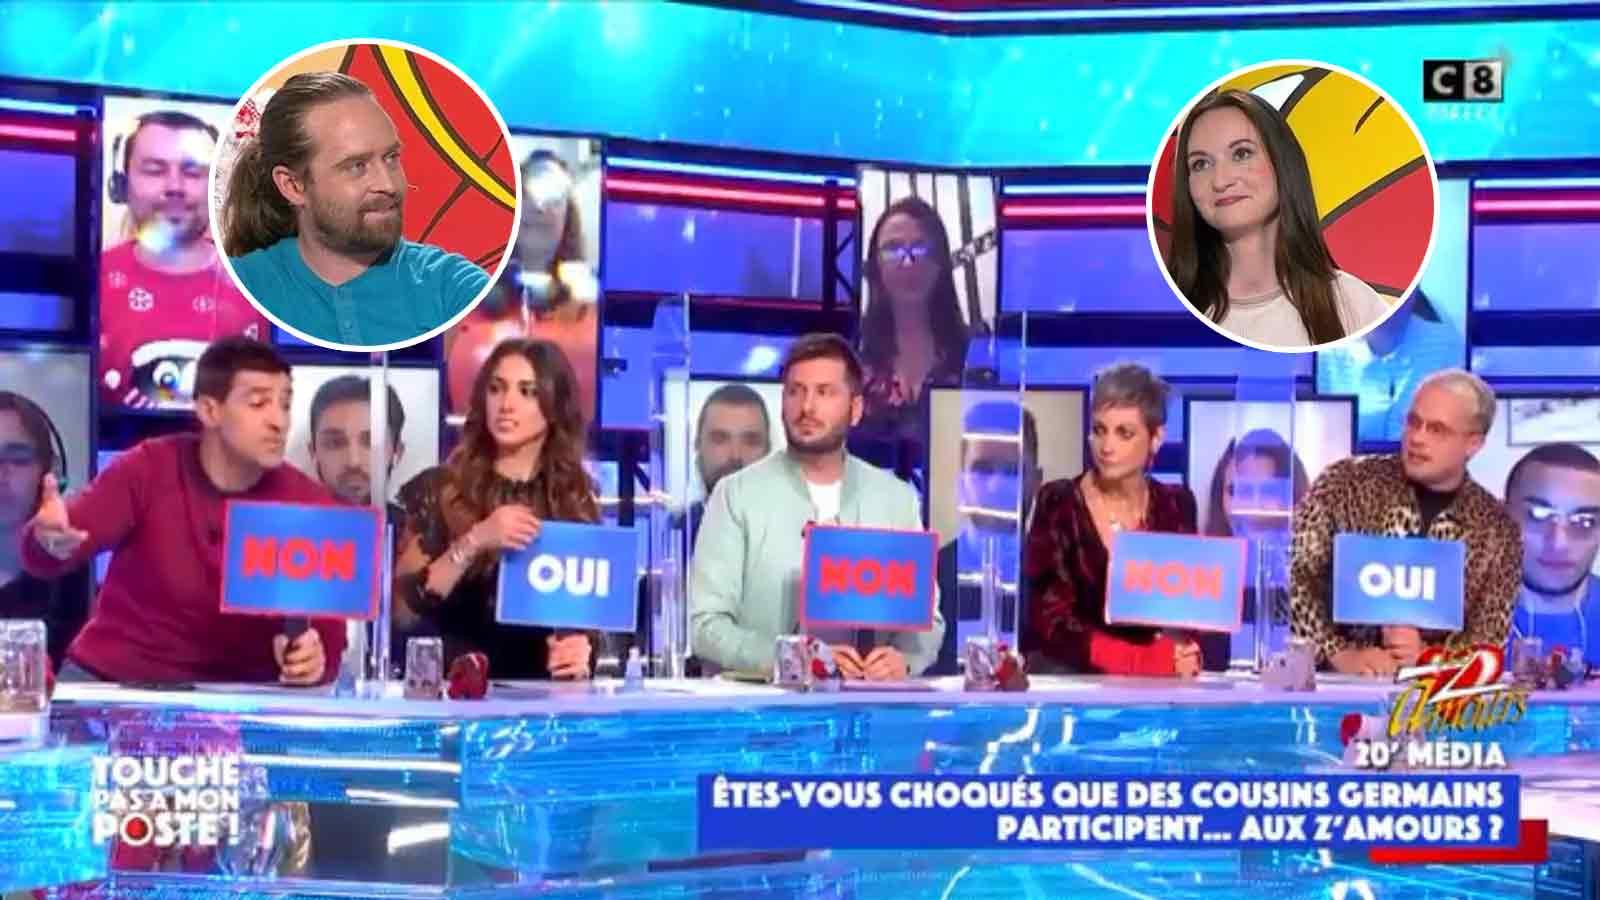 TPMP : le débat portant sur le couple consanguin des Z'amours fût houleux ! Les chroniqueurs divisés !